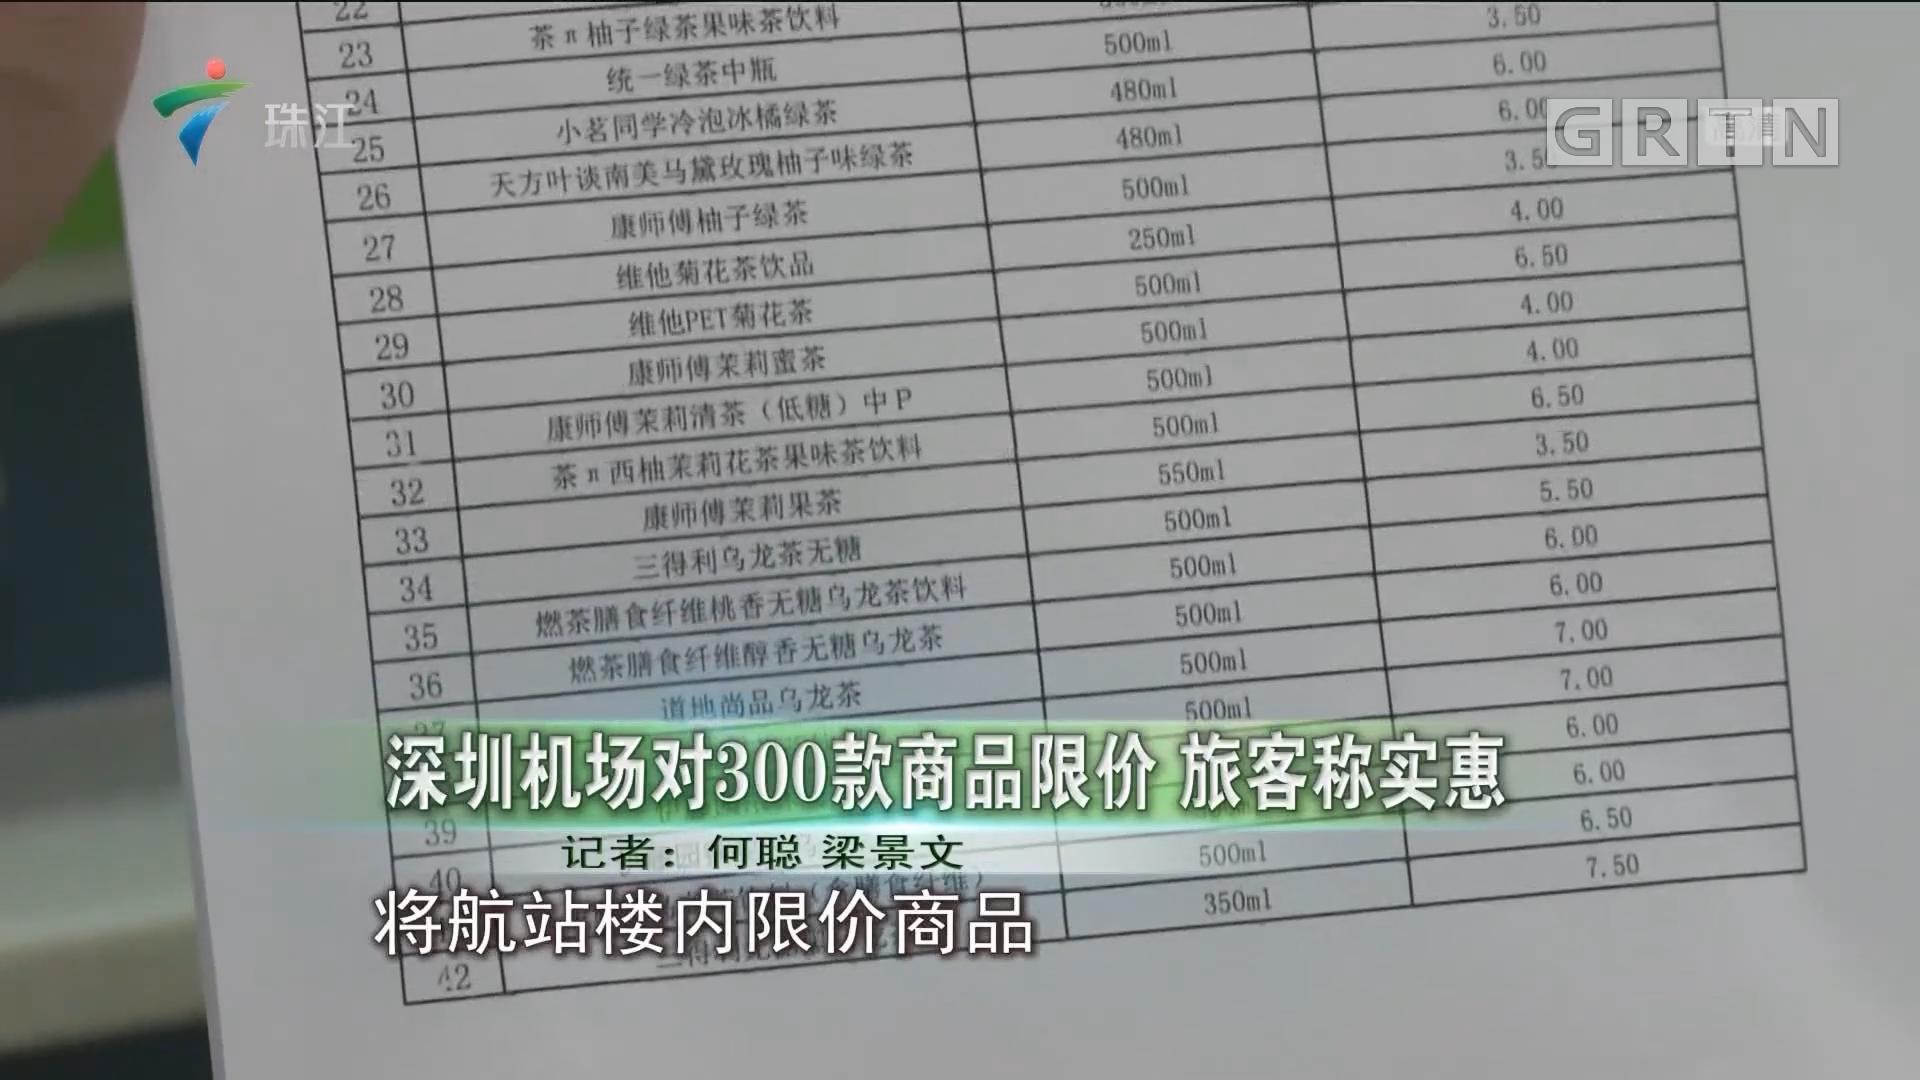 深圳机场对300款商品限价 旅客称实惠